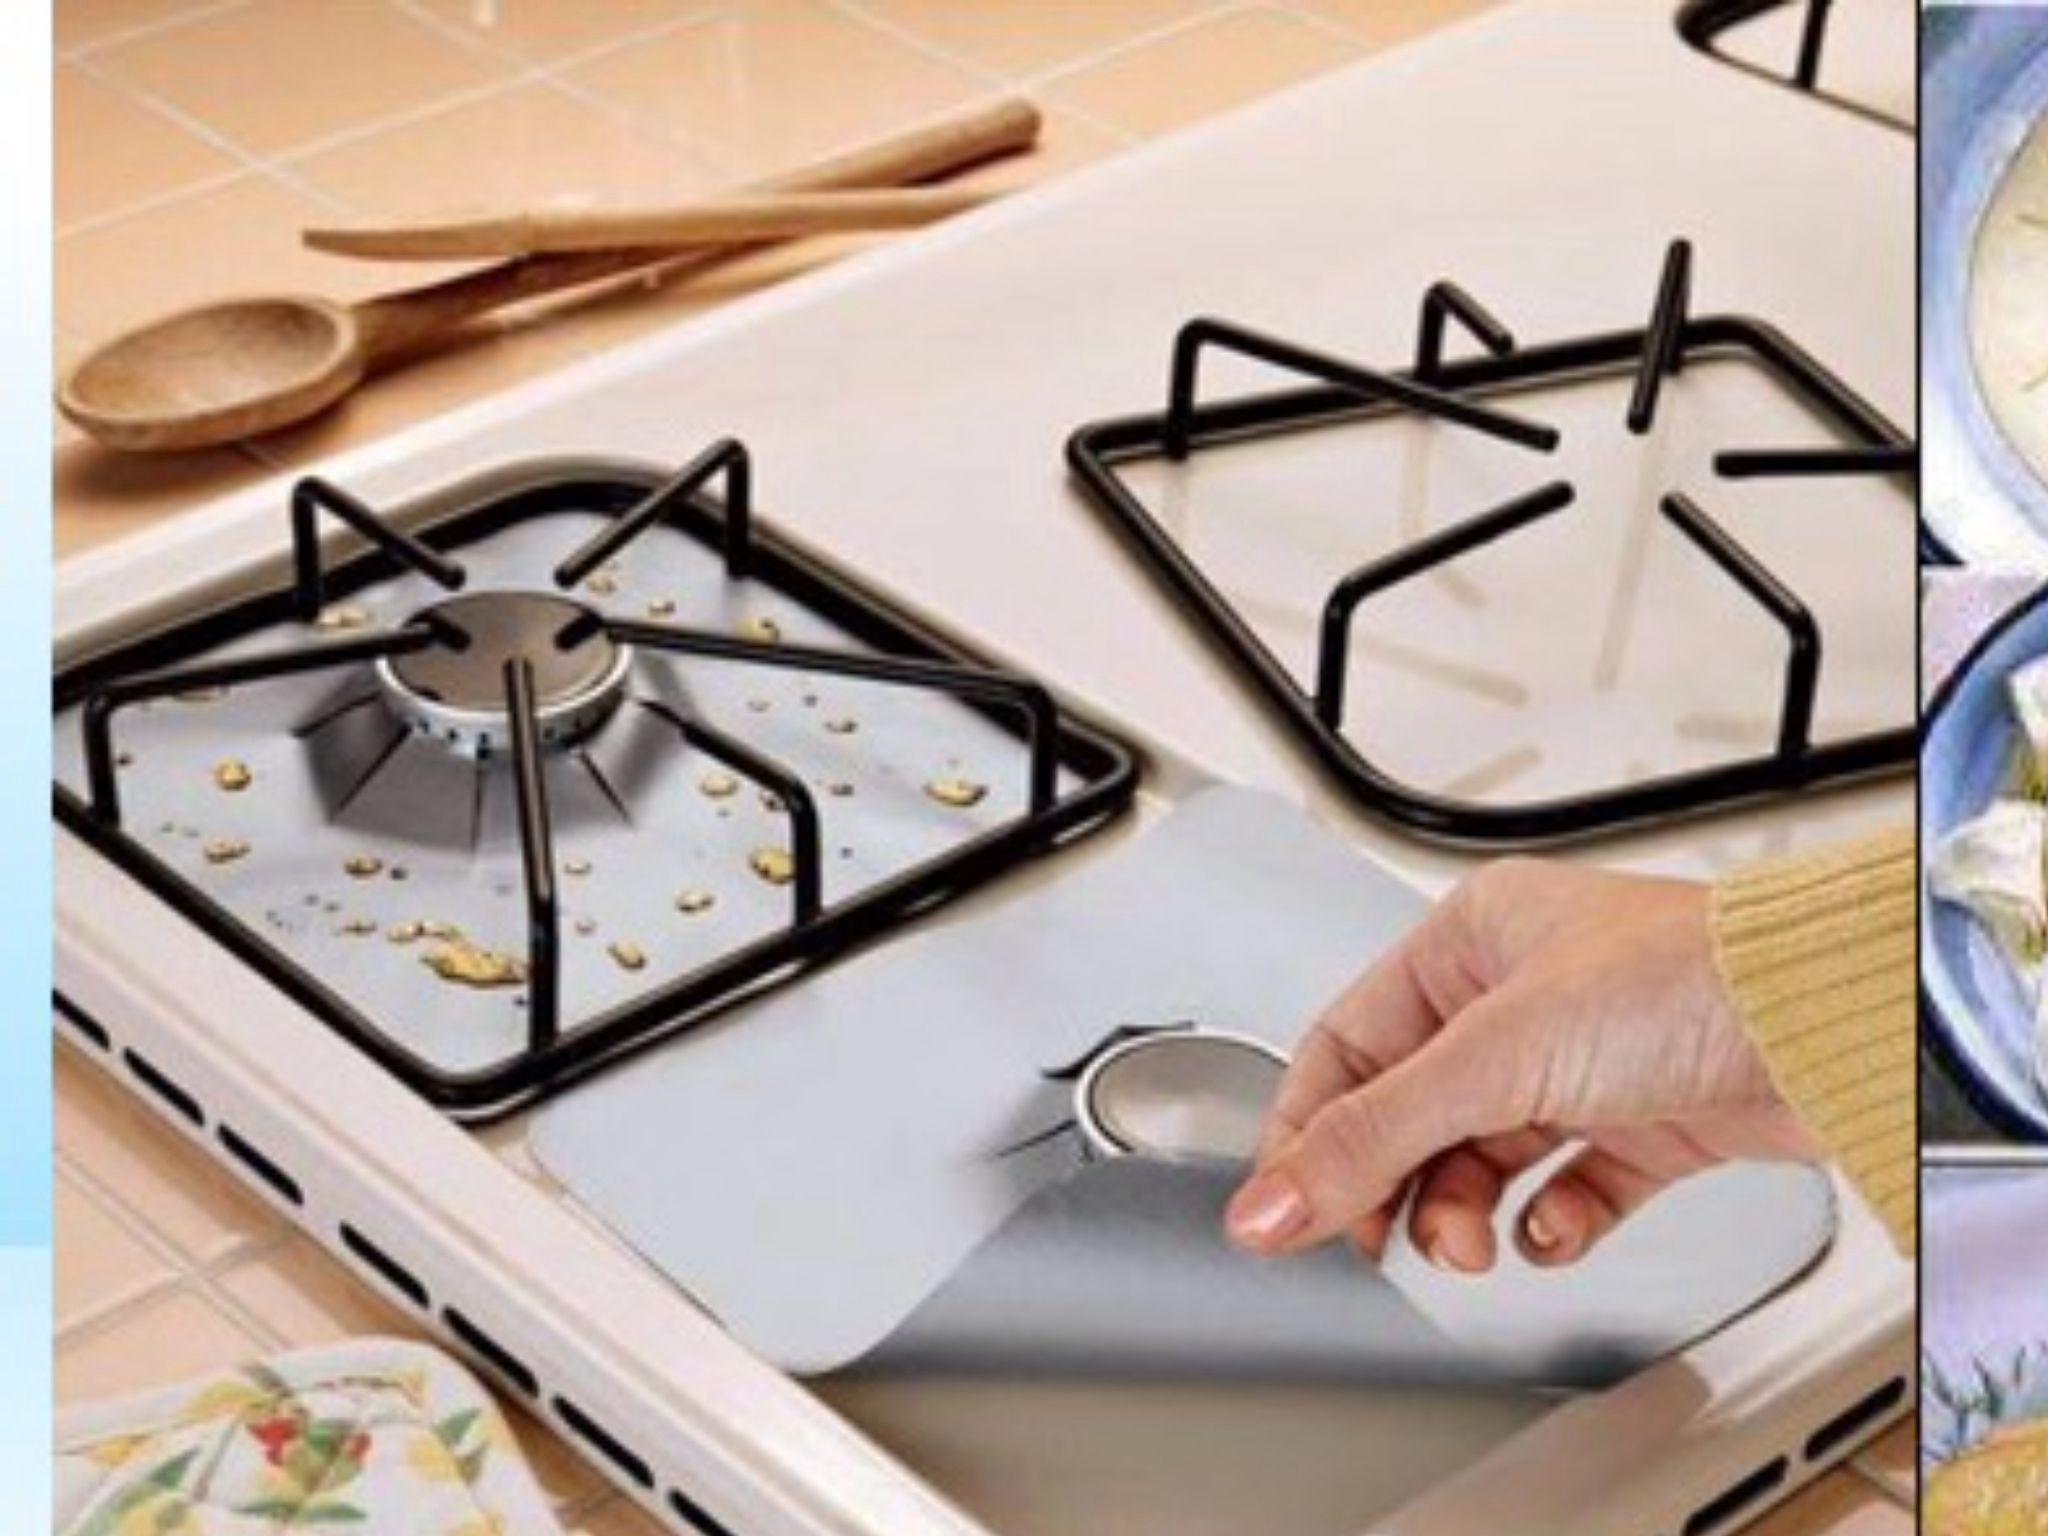 Gasherd Abdeckung | Küche | Pinterest | Gasherd, Küche und haushalt ...